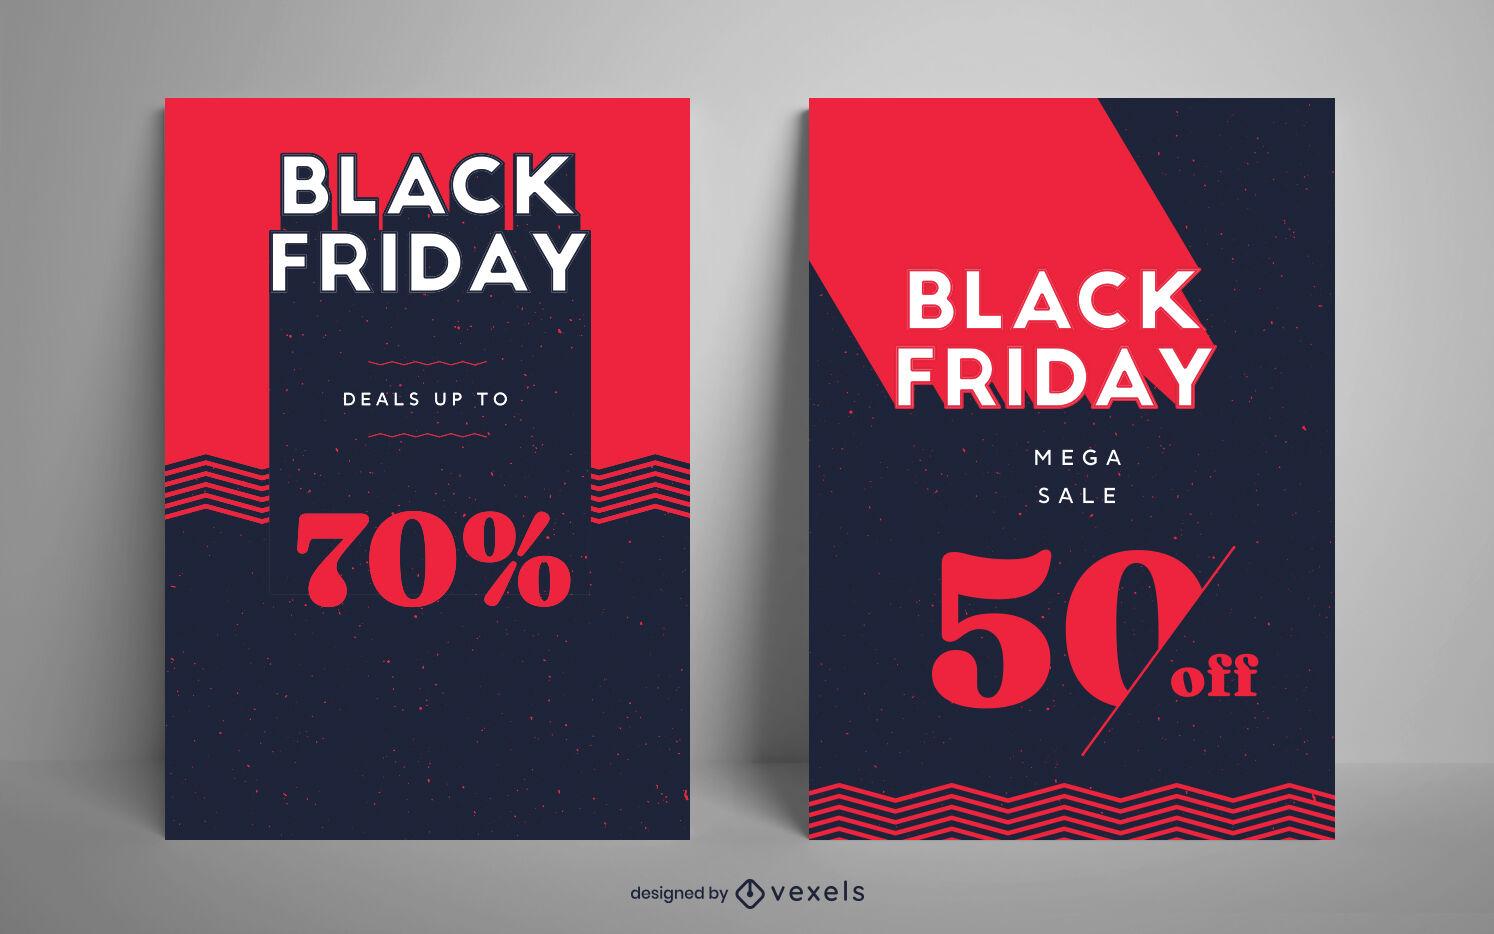 Vorlage f?r Werbeplakate zum Schwarzen Freitag